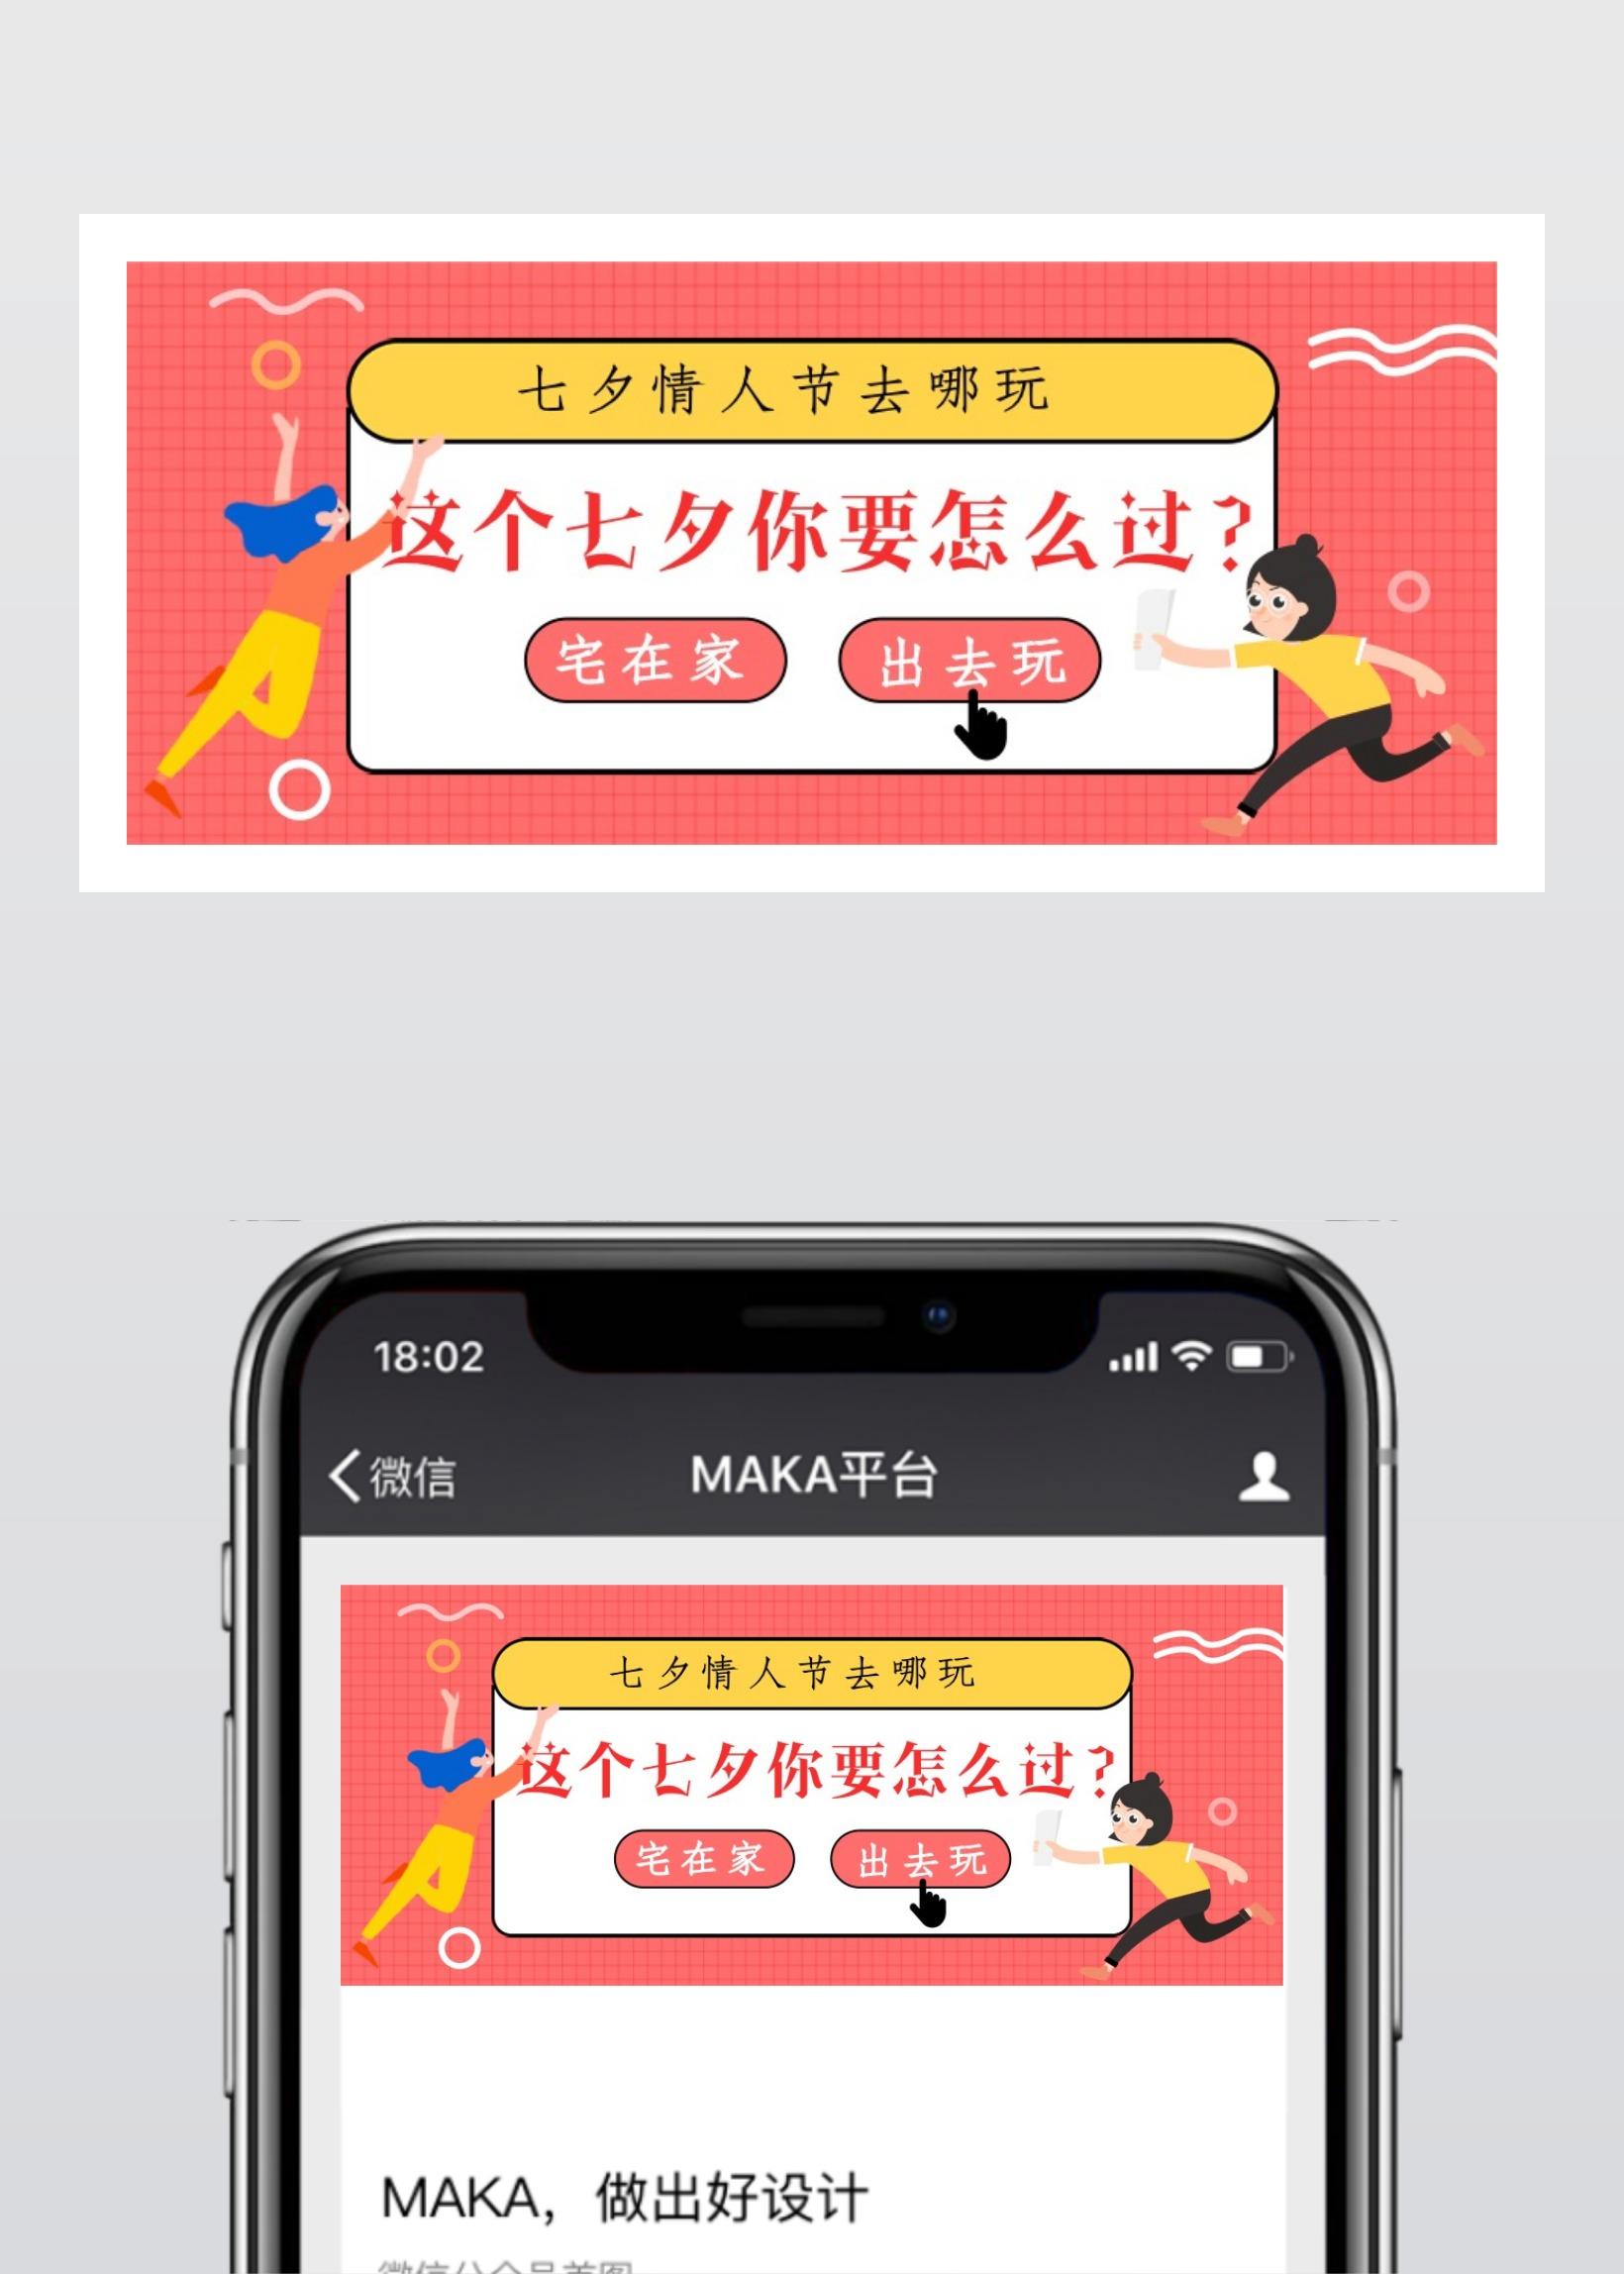 红色卡通清新插画设计风格中国情人节七夕表白、祝福活动微信公众号大图